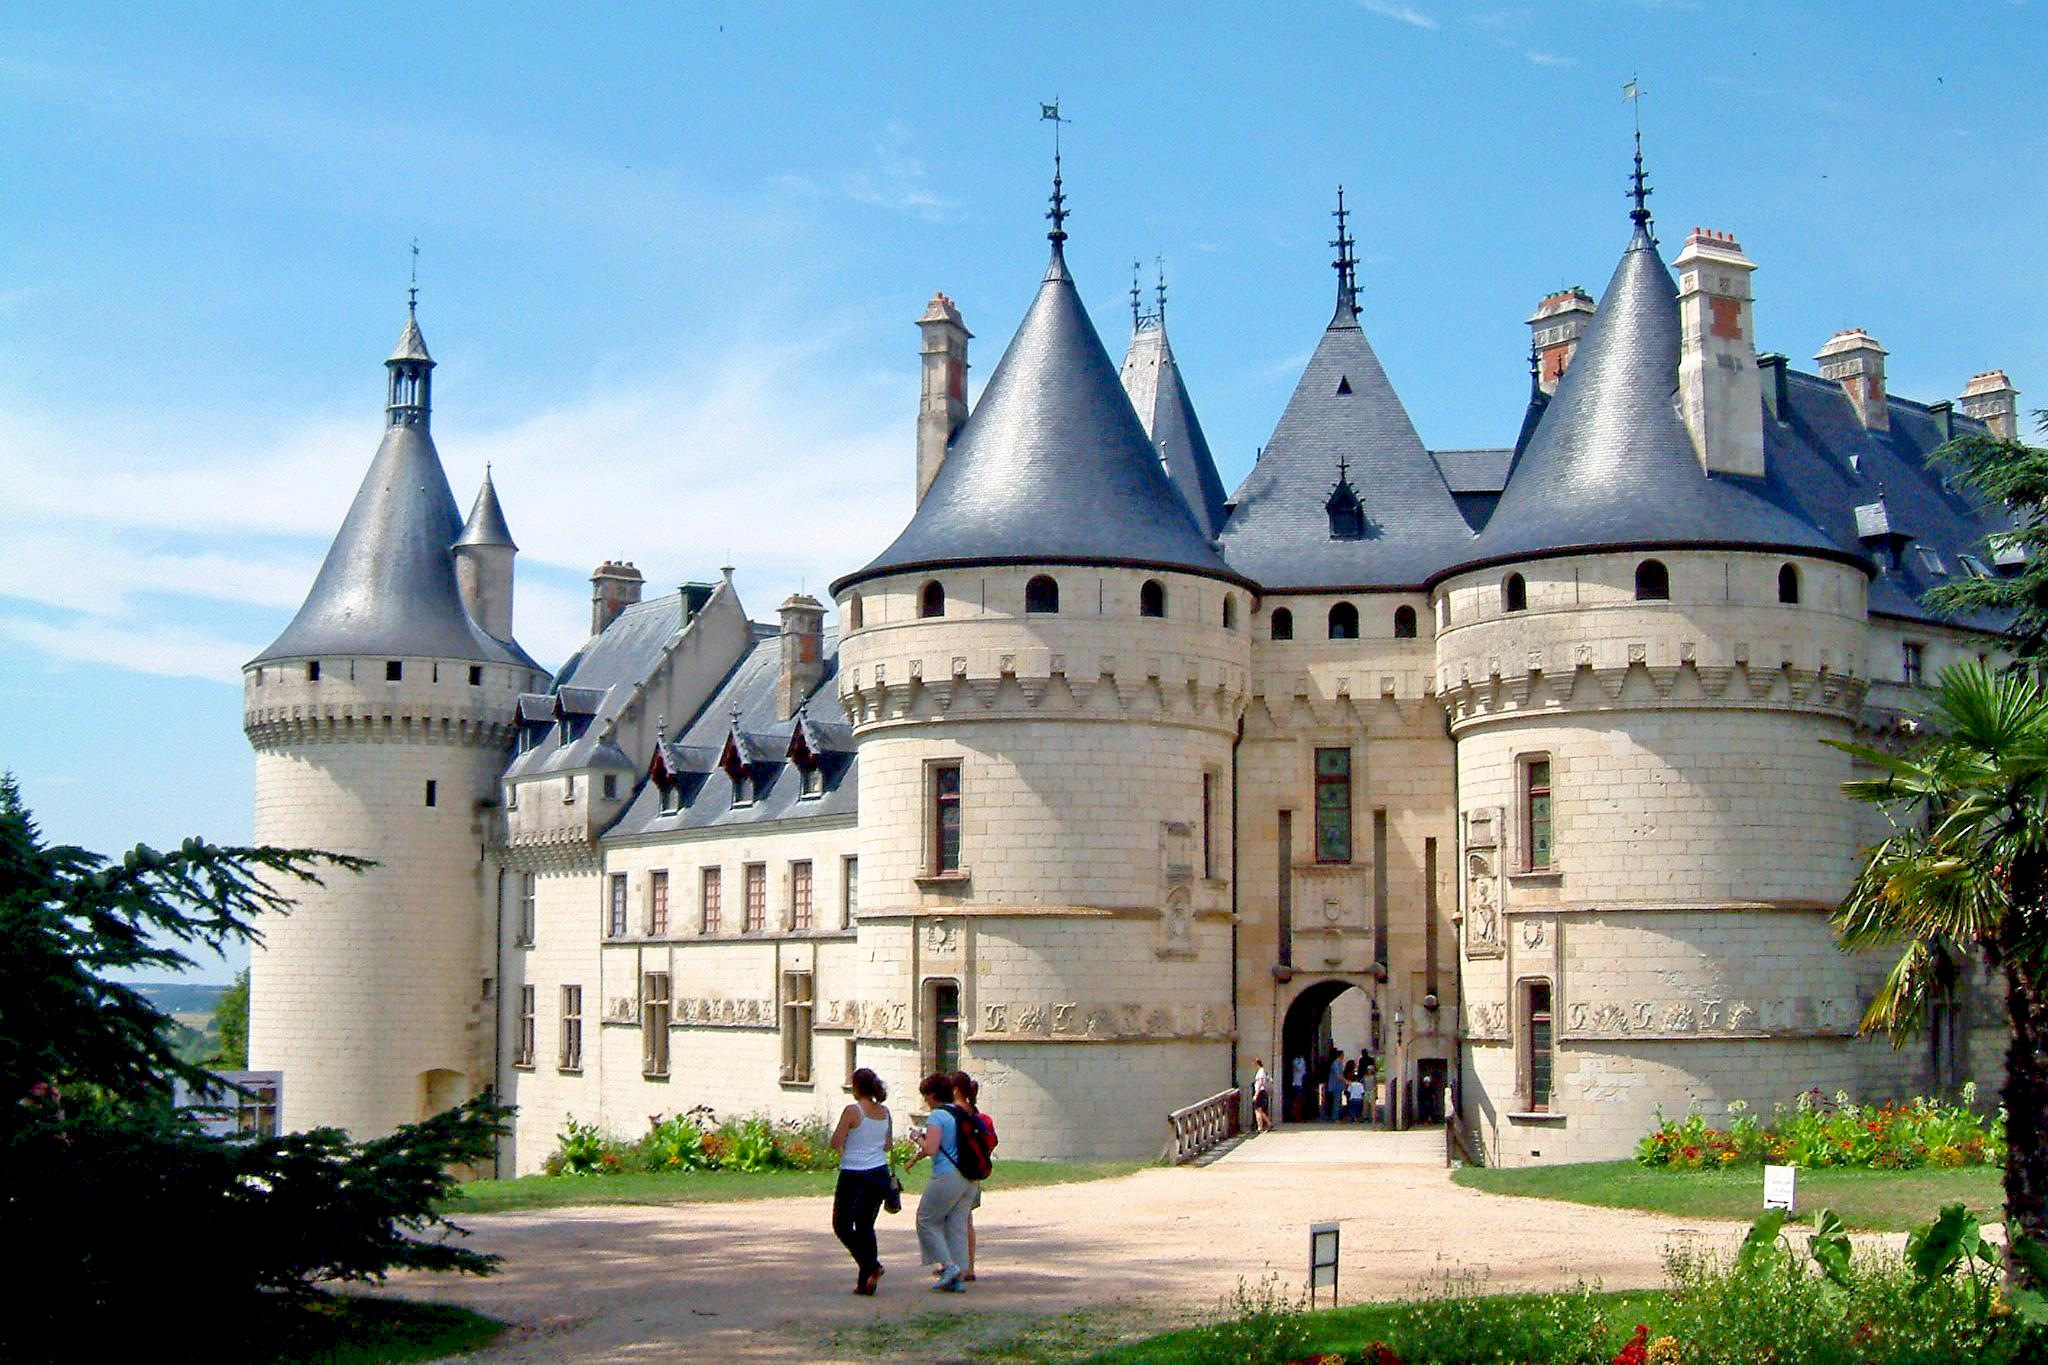 Chaumont sur loire castle french moments for Christophe chaumont